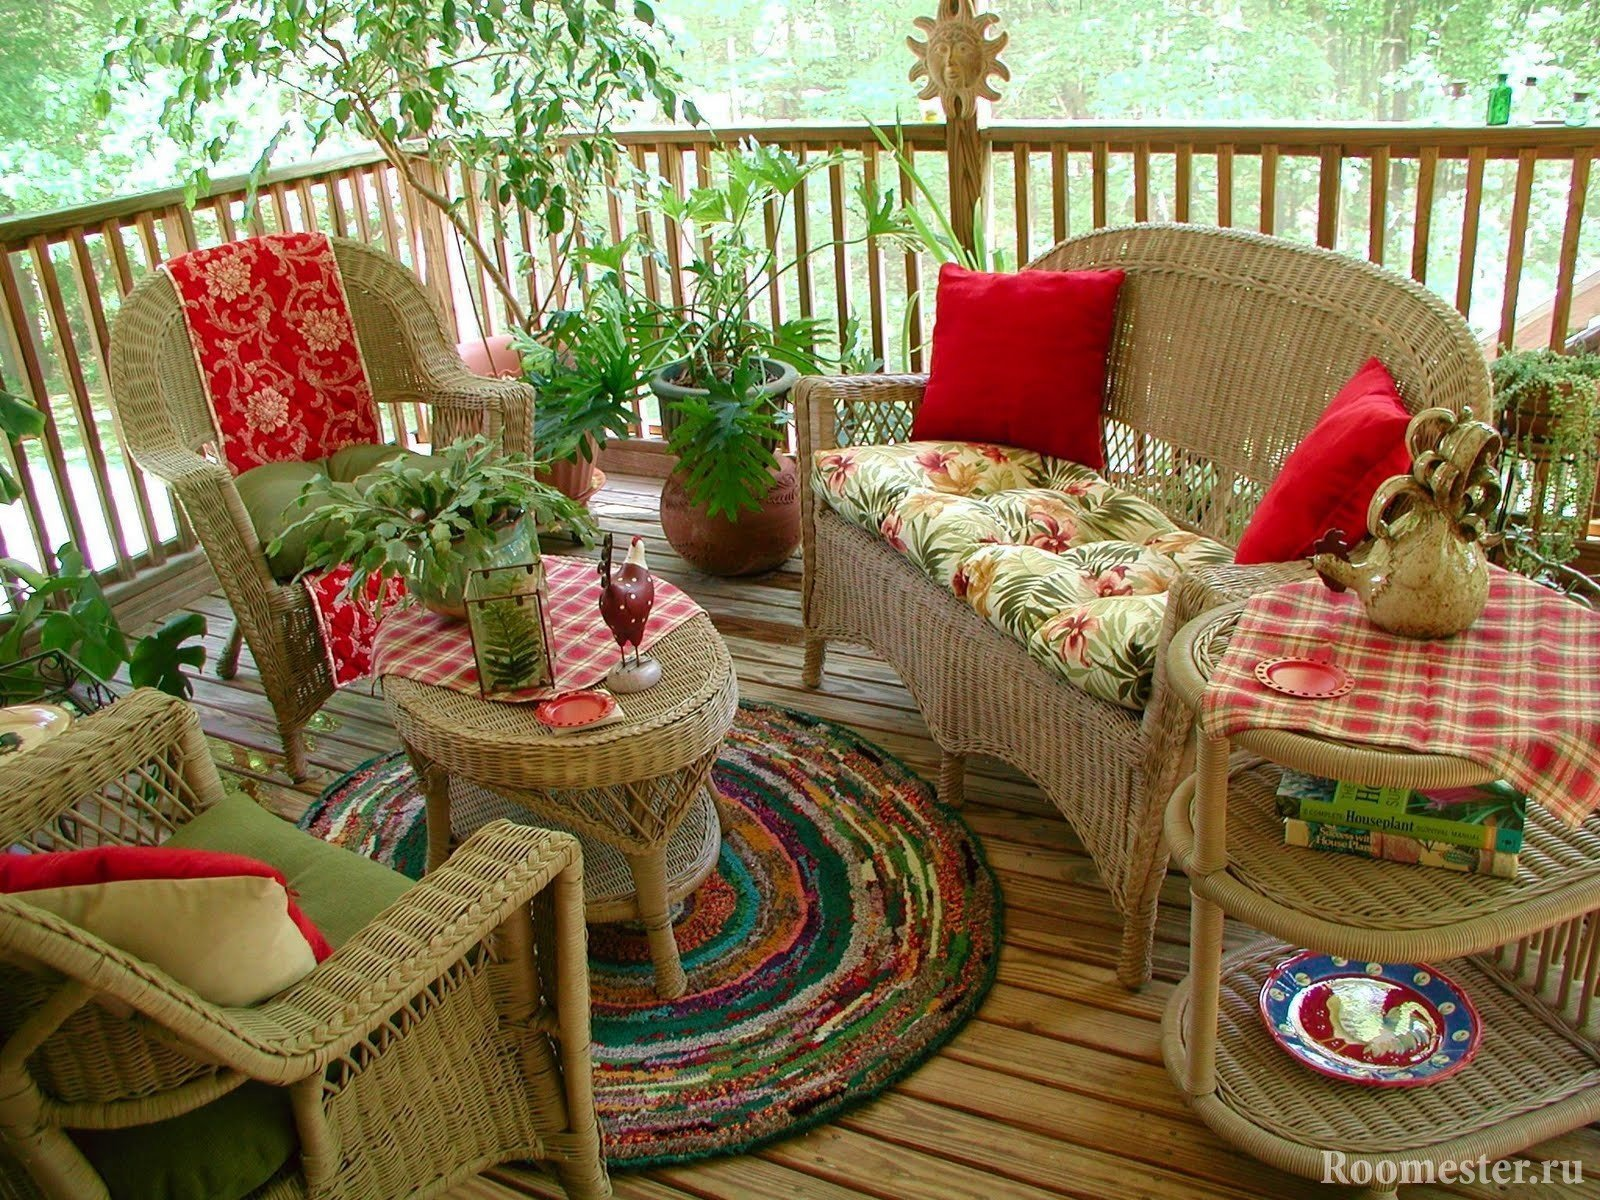 Дизайн веранды частного дома - планировка и отделка террасы